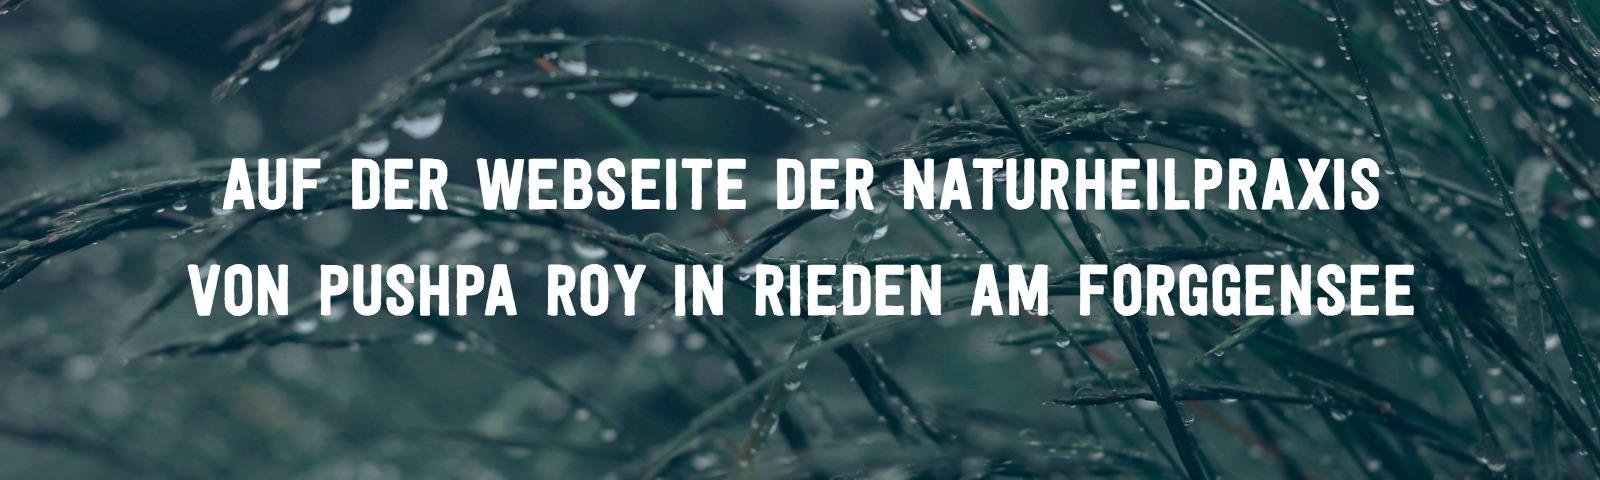 Heilpraktiker Pushpa Roy Rieden am Forggensee Allgäu